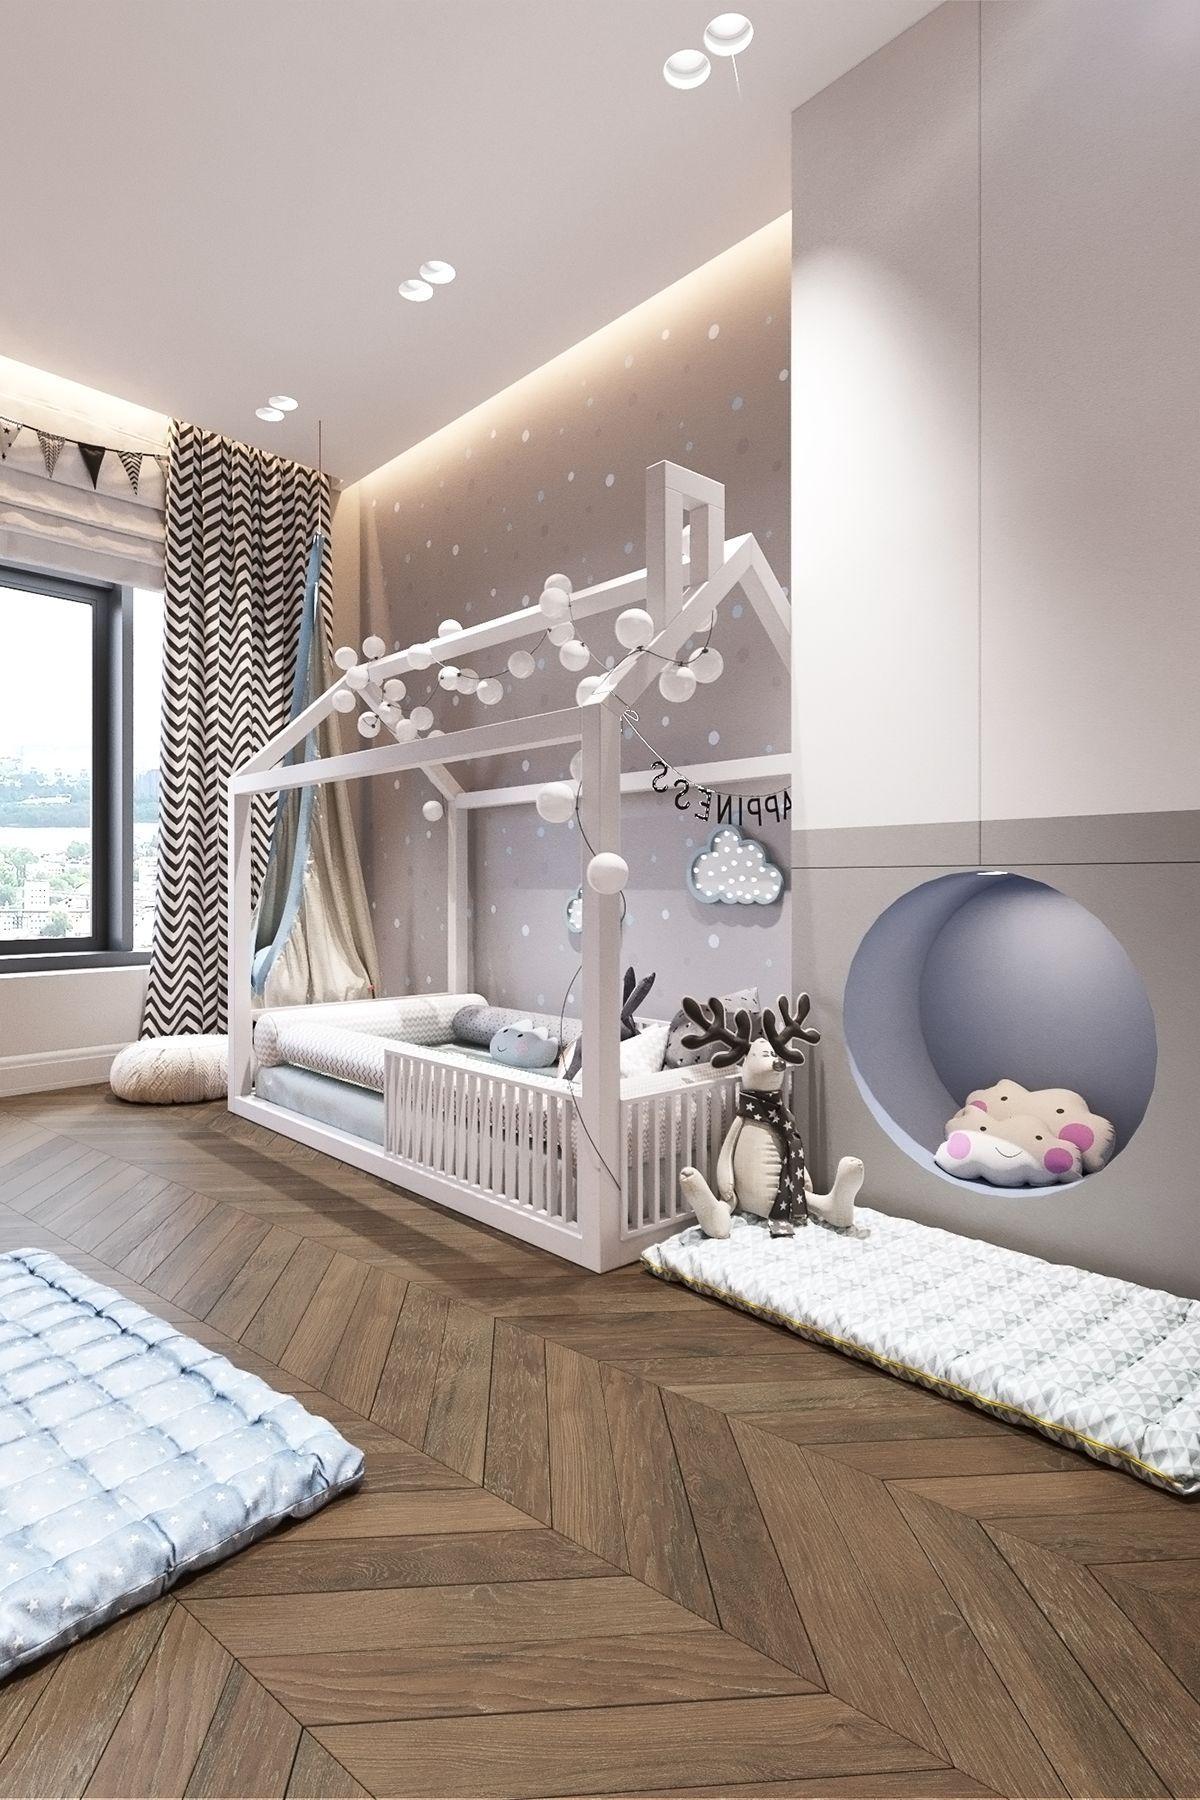 | Детская мебель на заказ в Москве | Фабрика детской мебели «Мамка™» | Лучшая детская мебель от производителя